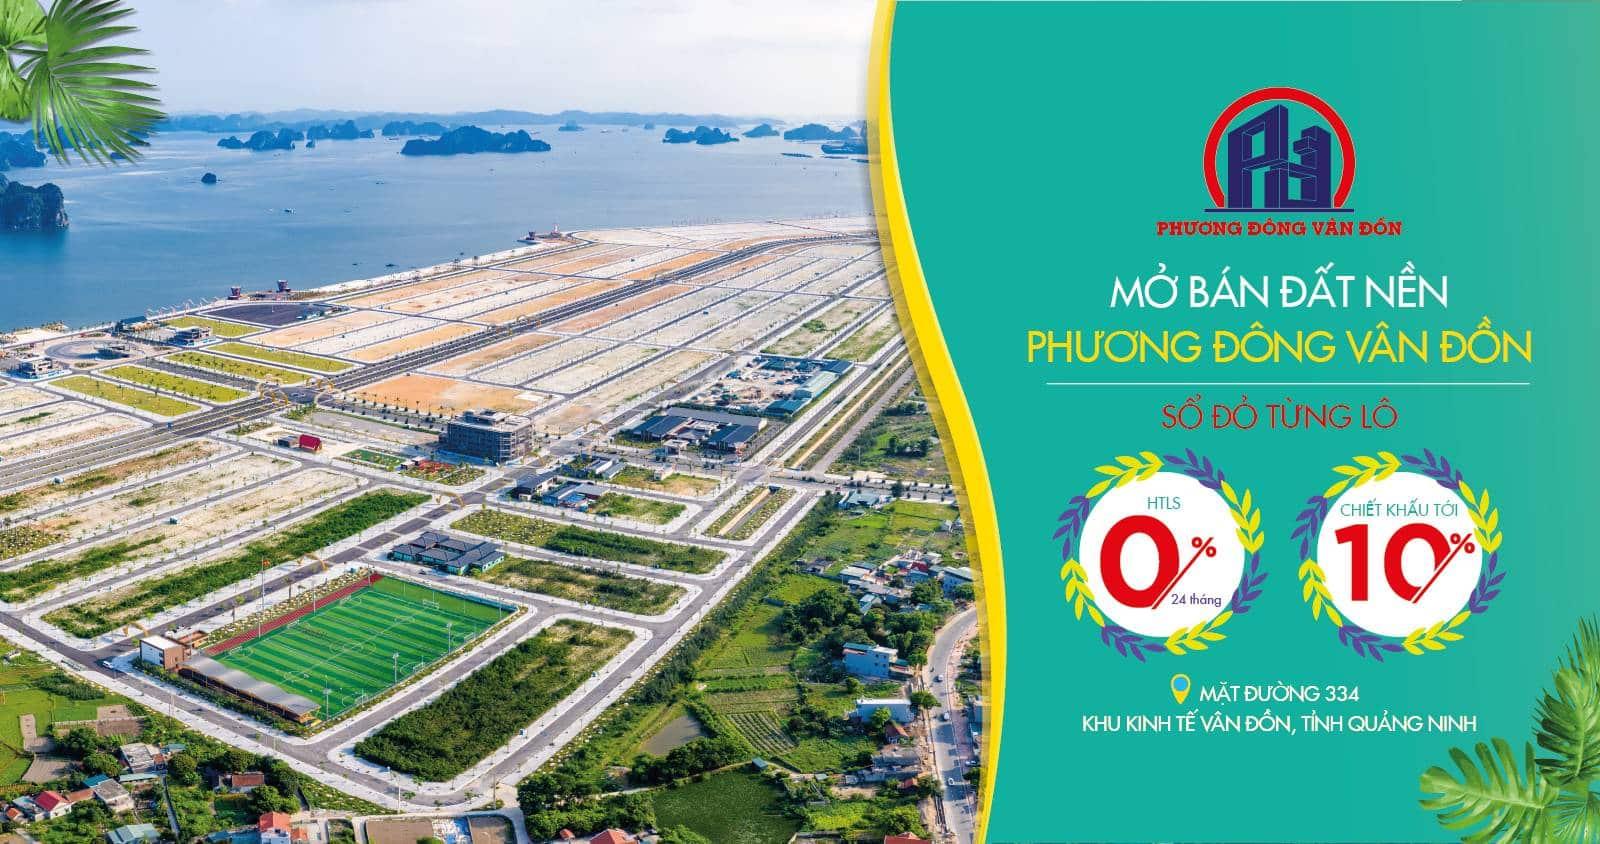 Cơ hội đầu tư Đất nền số 1 Miền Bắc tại Siêu dự án Phương Đông Vân Đồn